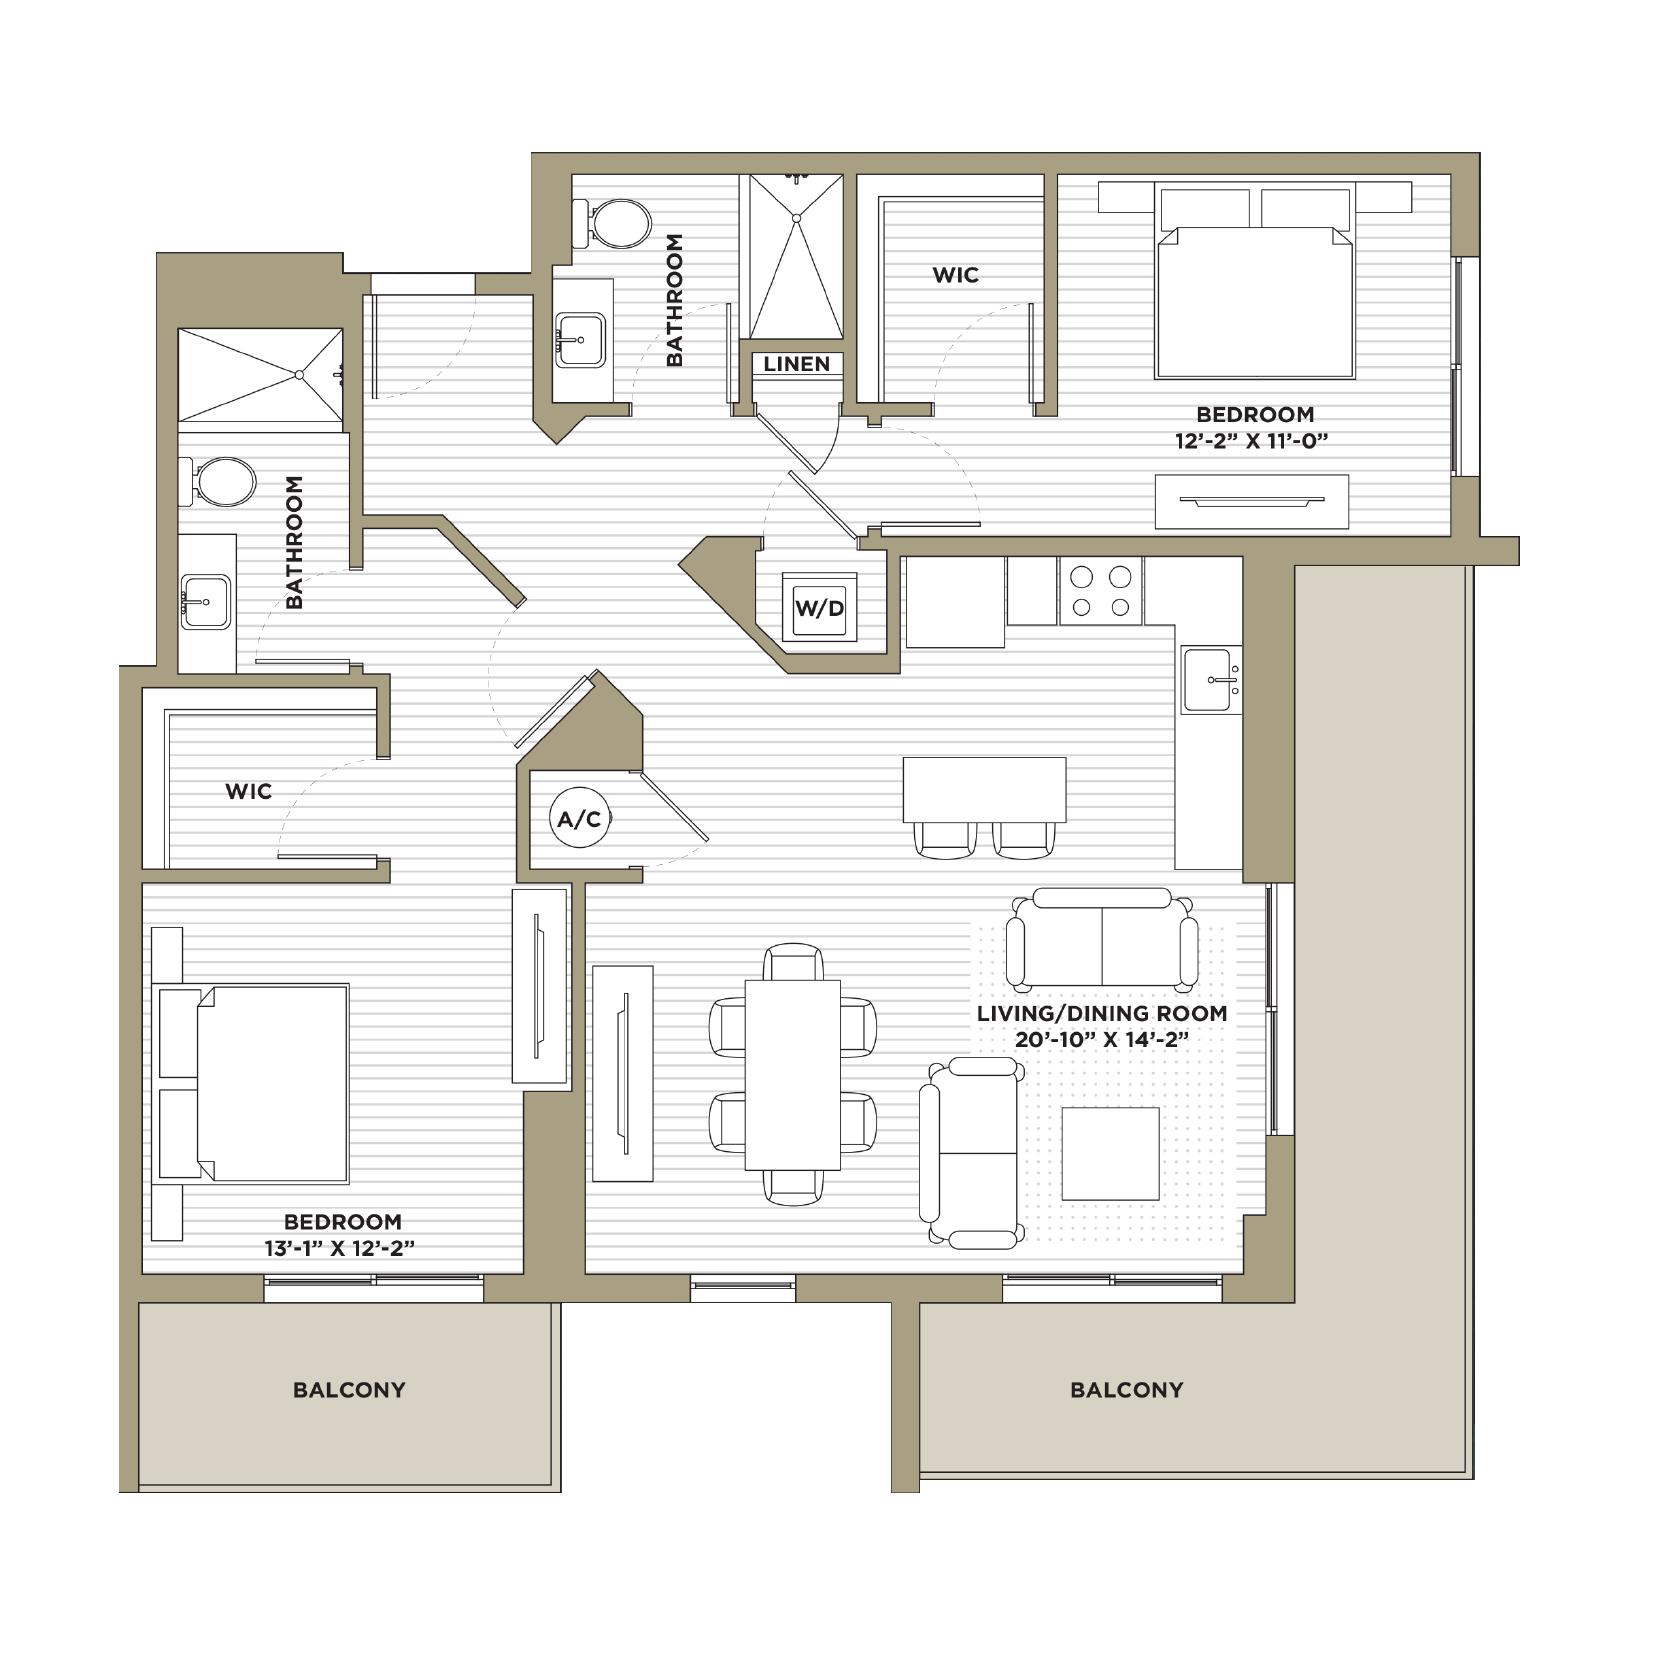 B9 - 2 Bedroom / 2 Bathroom1,238 sq. ft.